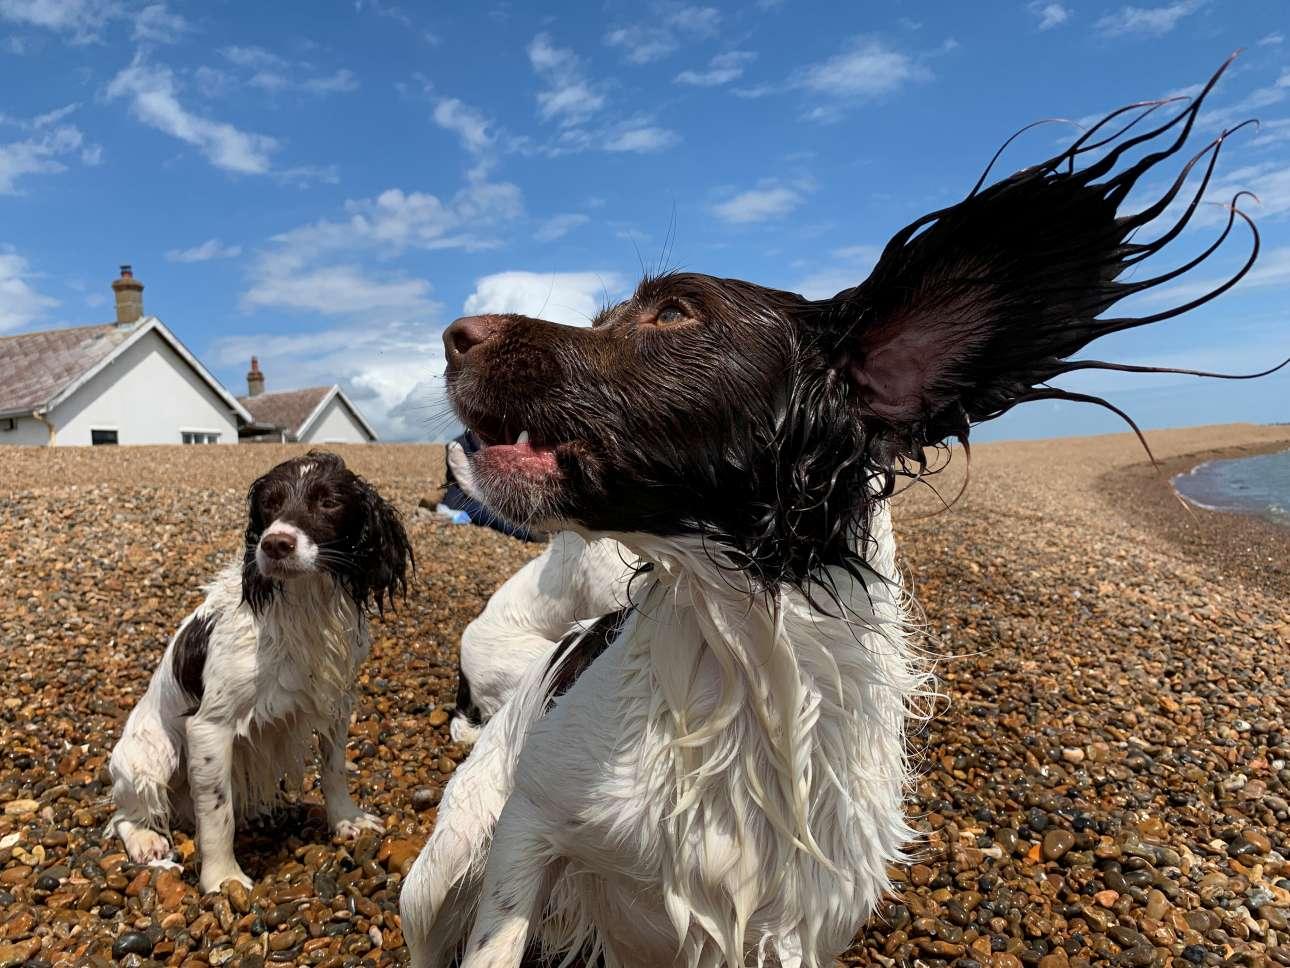 Παιχνίδια στην παραλία του Σάφολκ στη Βρετανία για αυτούς τους δύο σκύλους